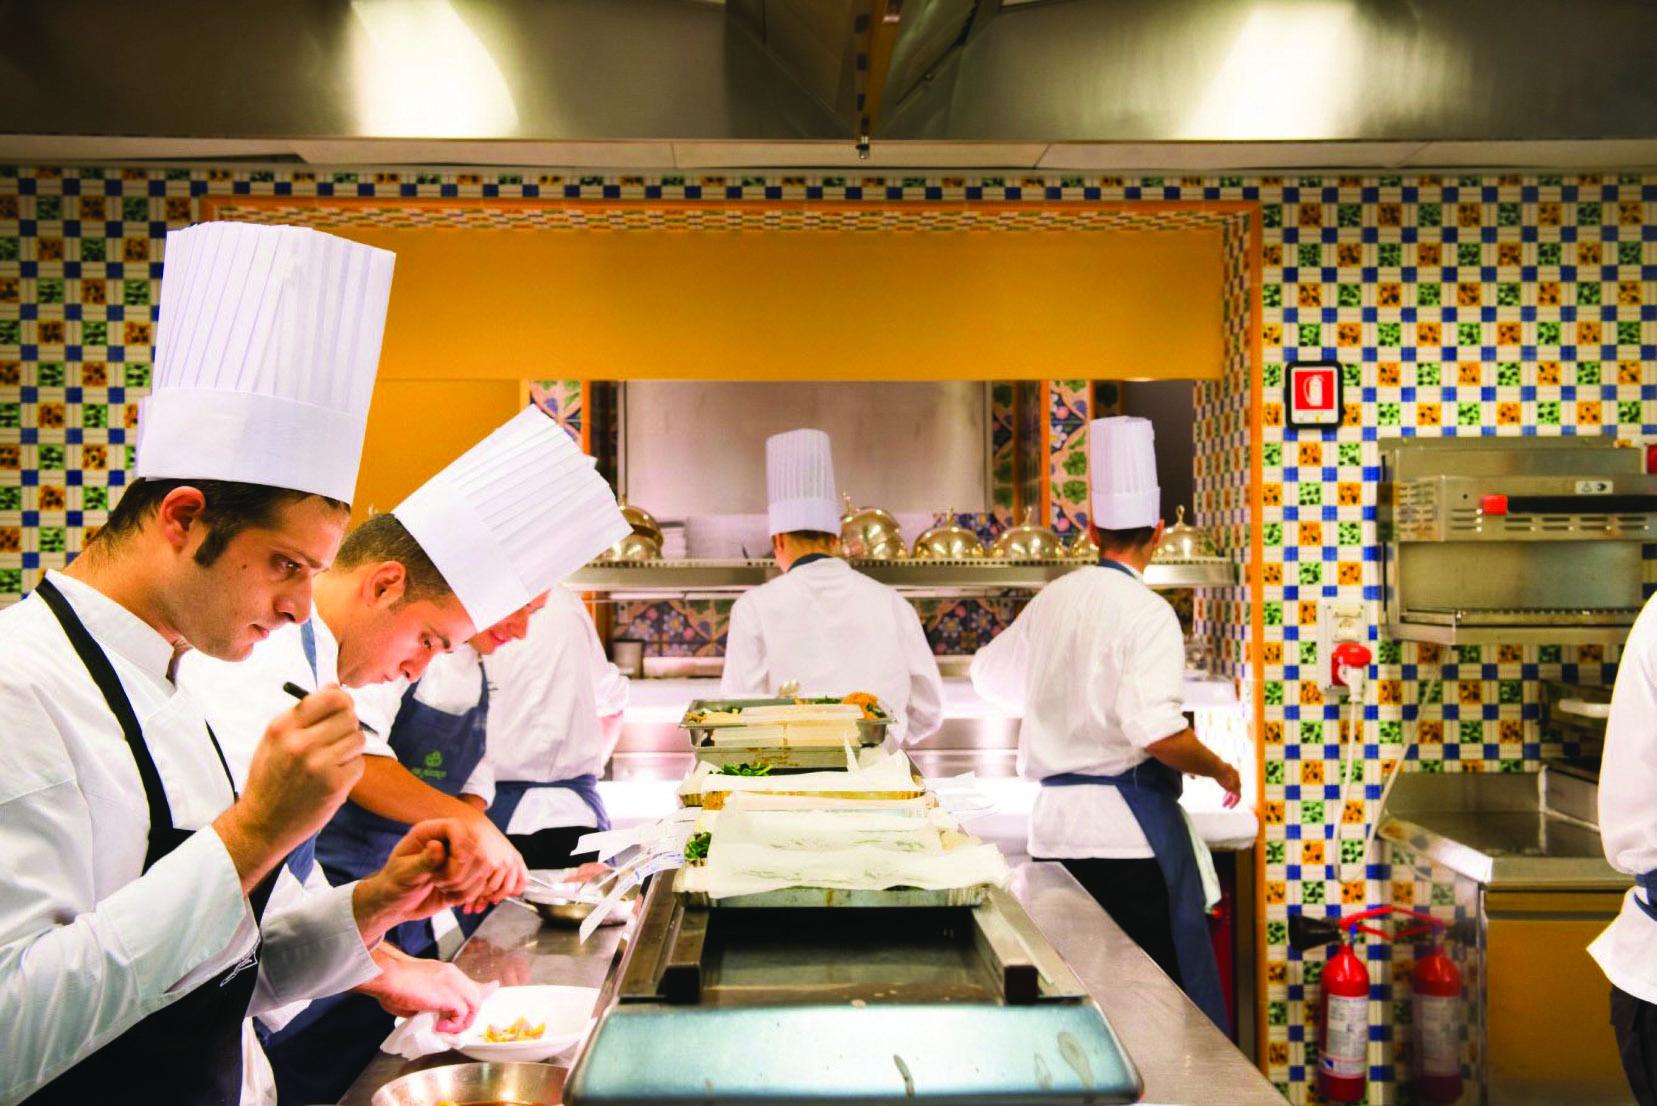 Migliori ristoranti italiani: Don Alfonso 1890 tra le 100 Eccellenze Italiane per Forbes